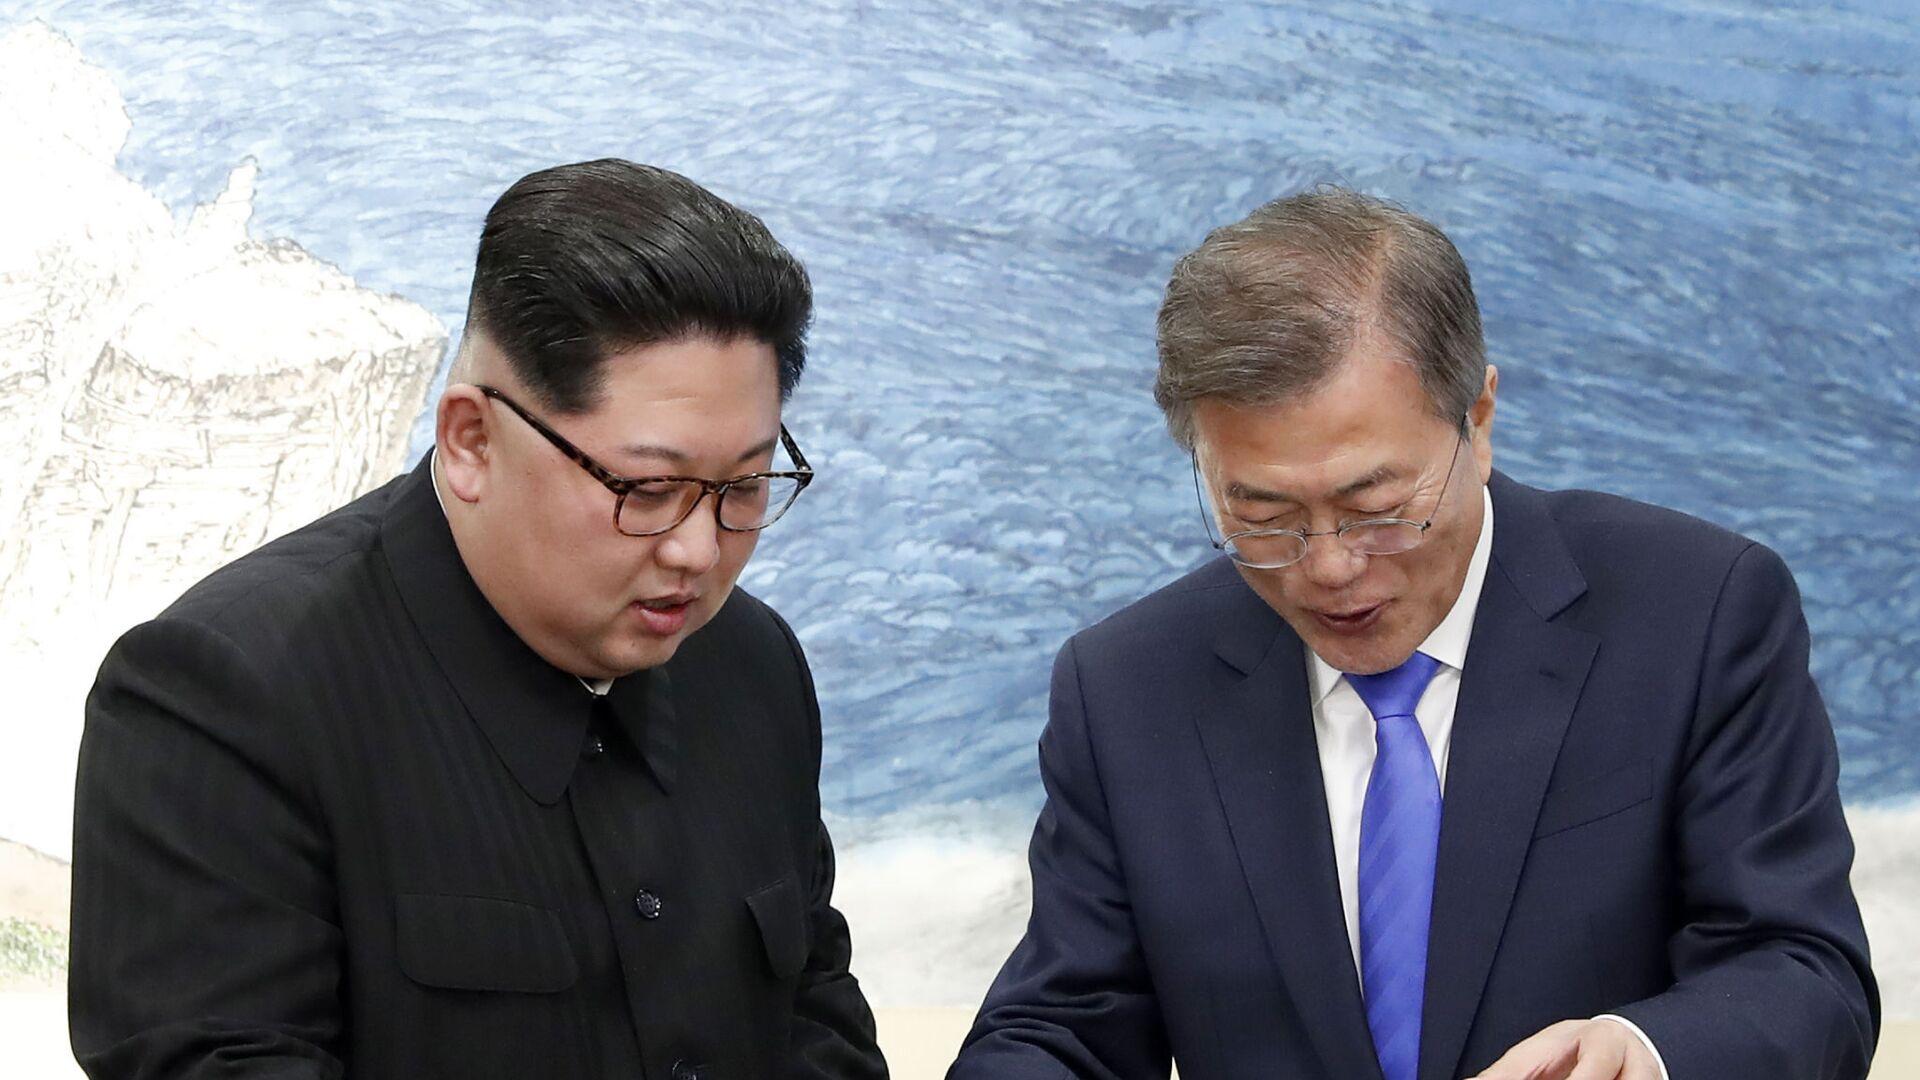 Президент Южной Кореи Мун Чжэ Ин и лидер КНДР Ким Чен Ын с тортом в приграничной деревне Пханмунджом, 2018 год  - Sputnik Italia, 1920, 15.09.2021